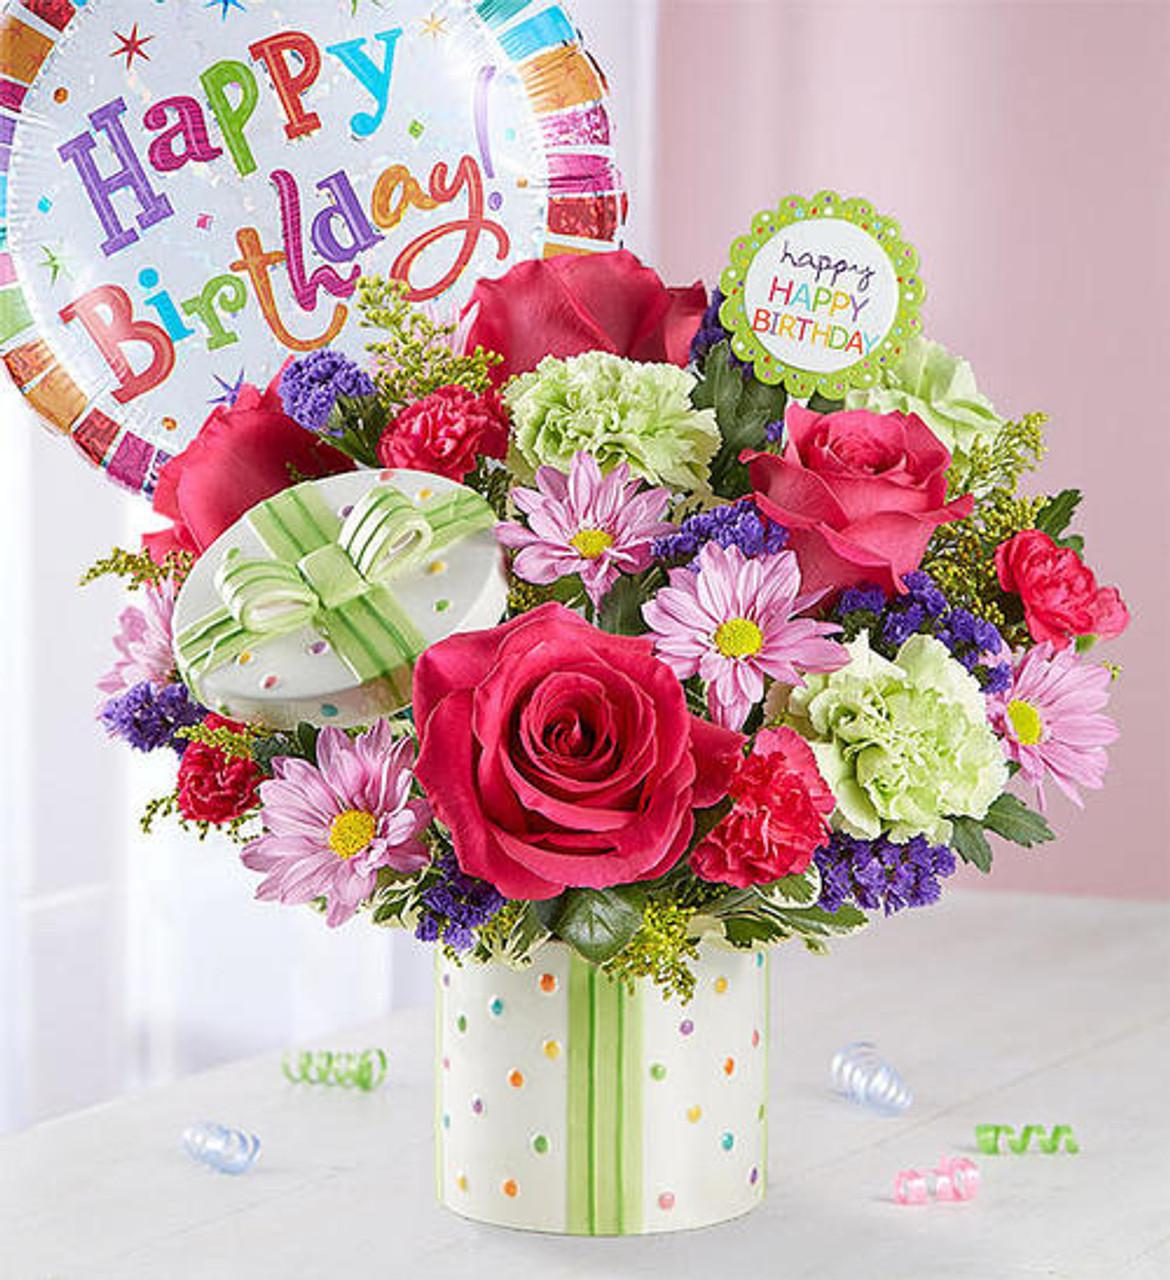 Chicago Happy Birthday Present Bouquet